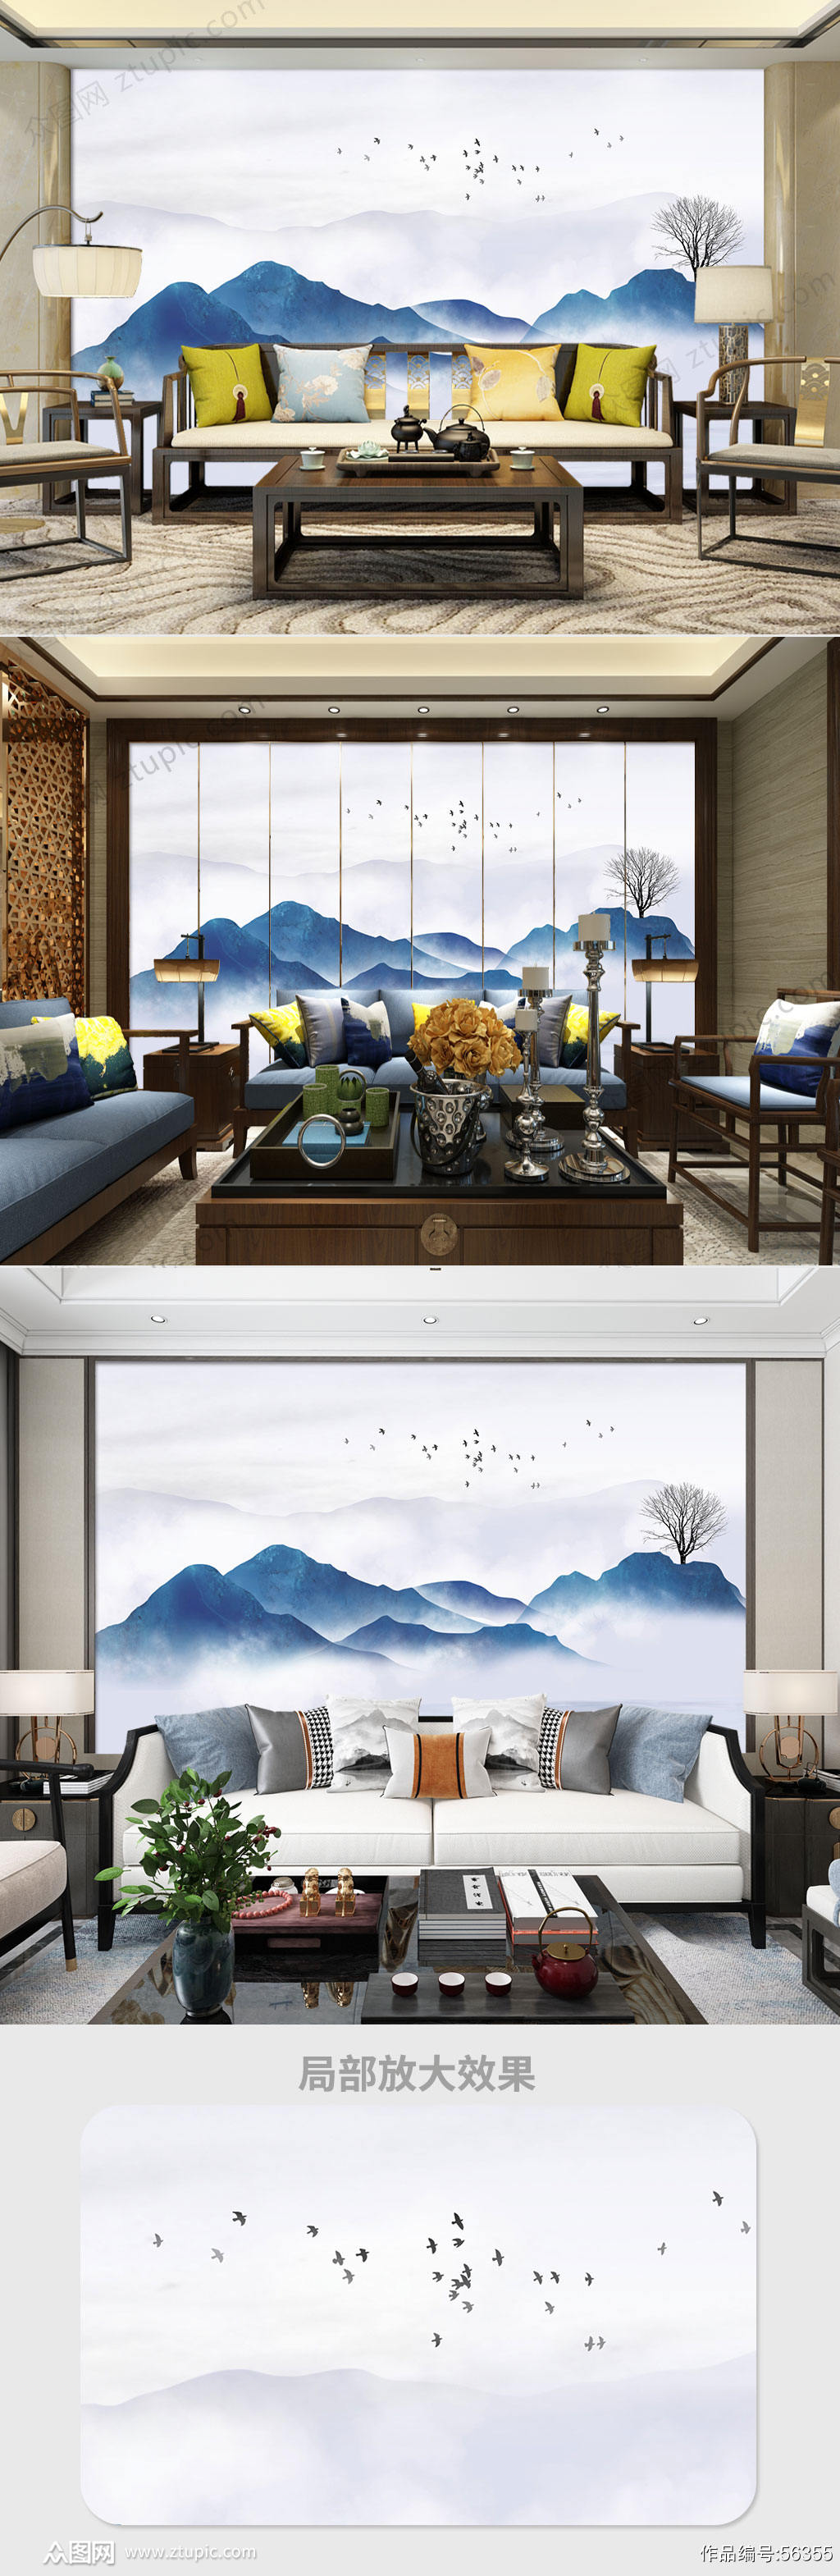 中式水墨山水电视背景墙素材